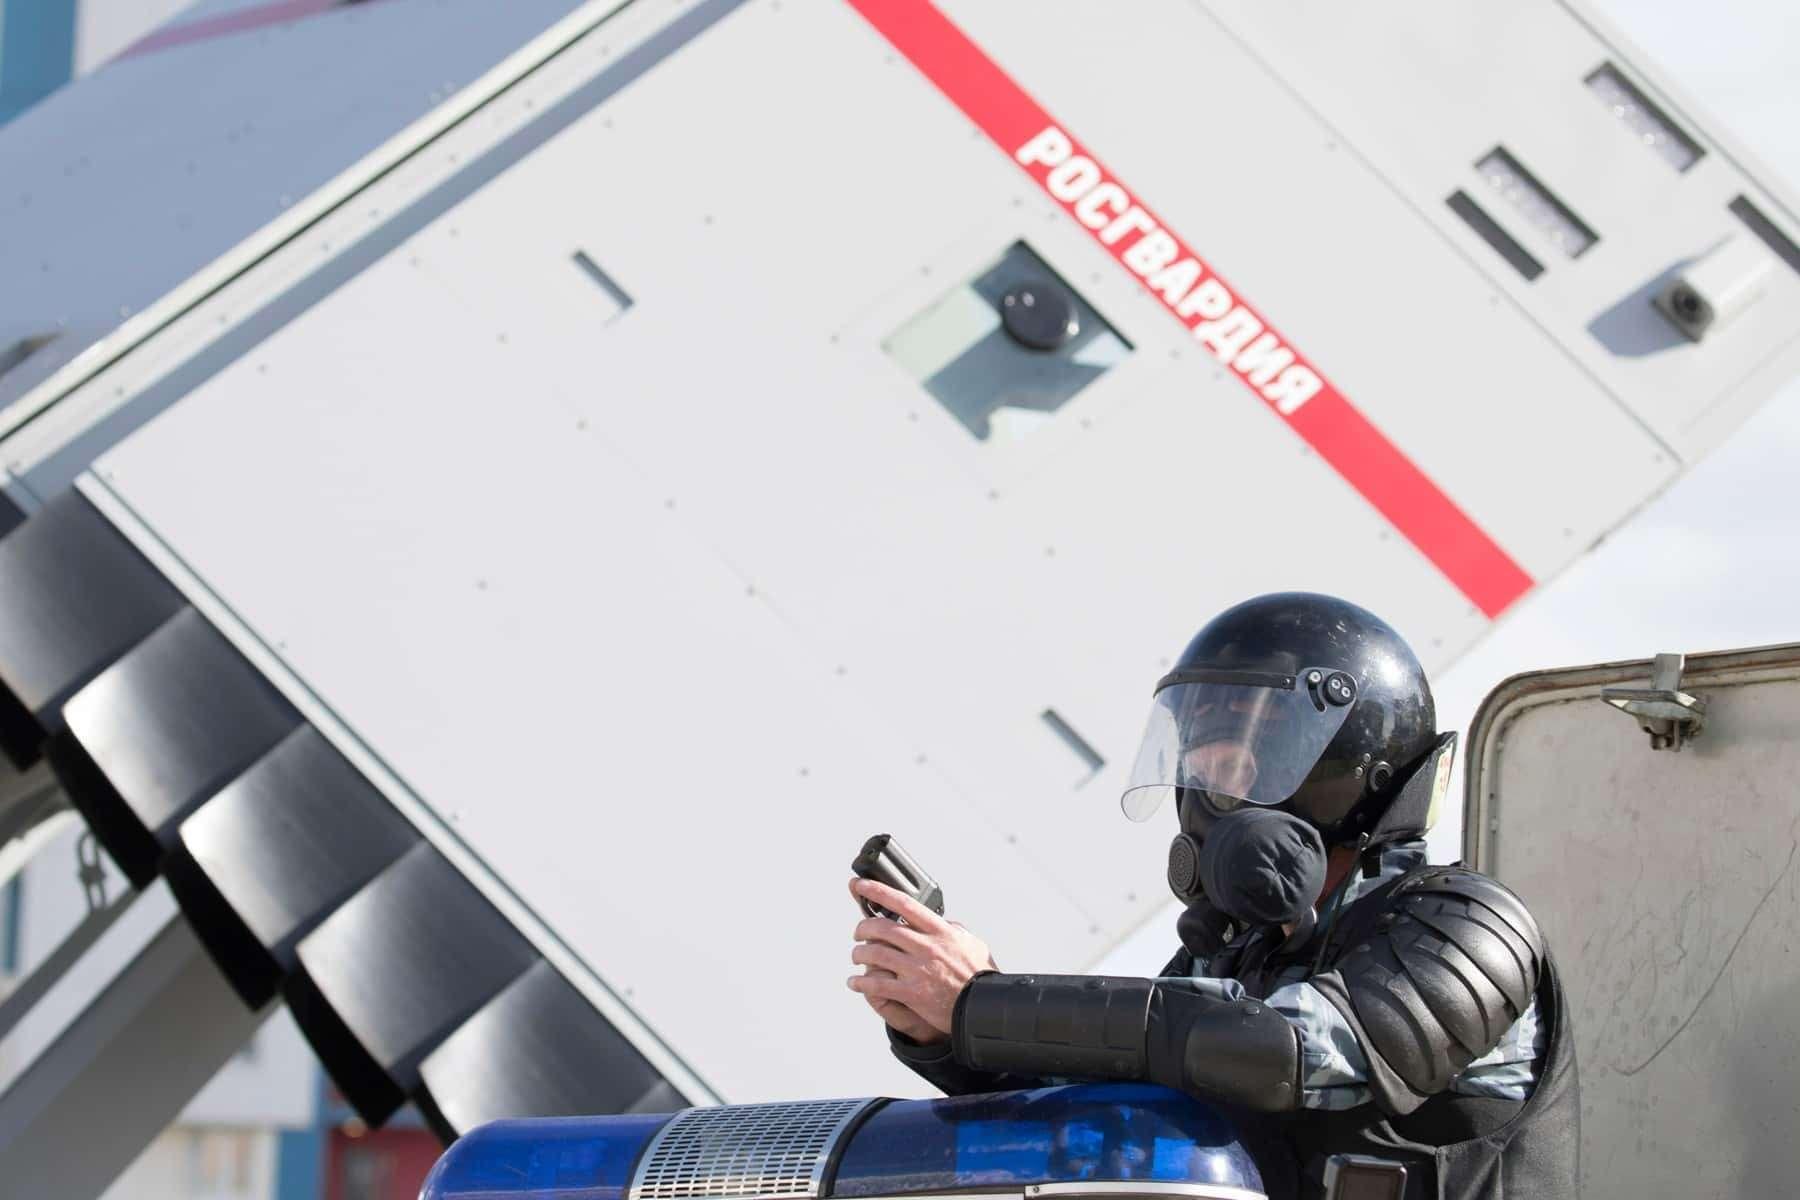 Комплекс «Стена»: Росгвардия получит новую технику дляразгона митингов— фото 906554